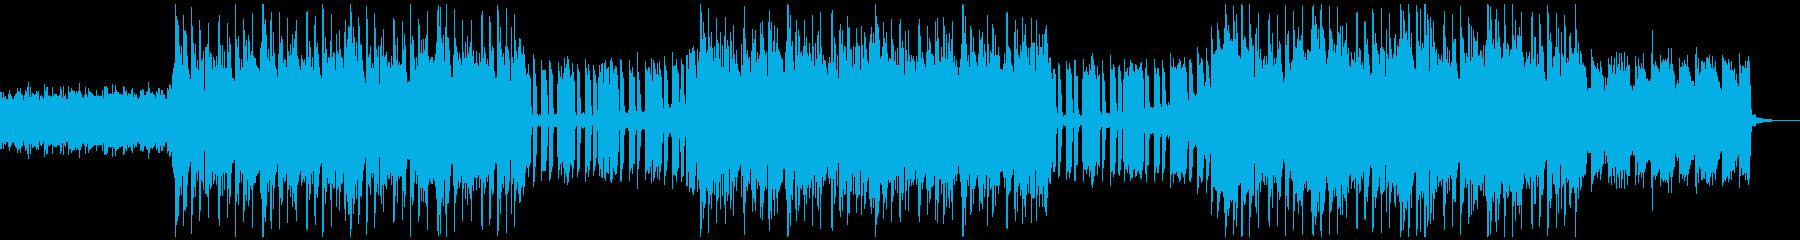 バトル・ロックの再生済みの波形